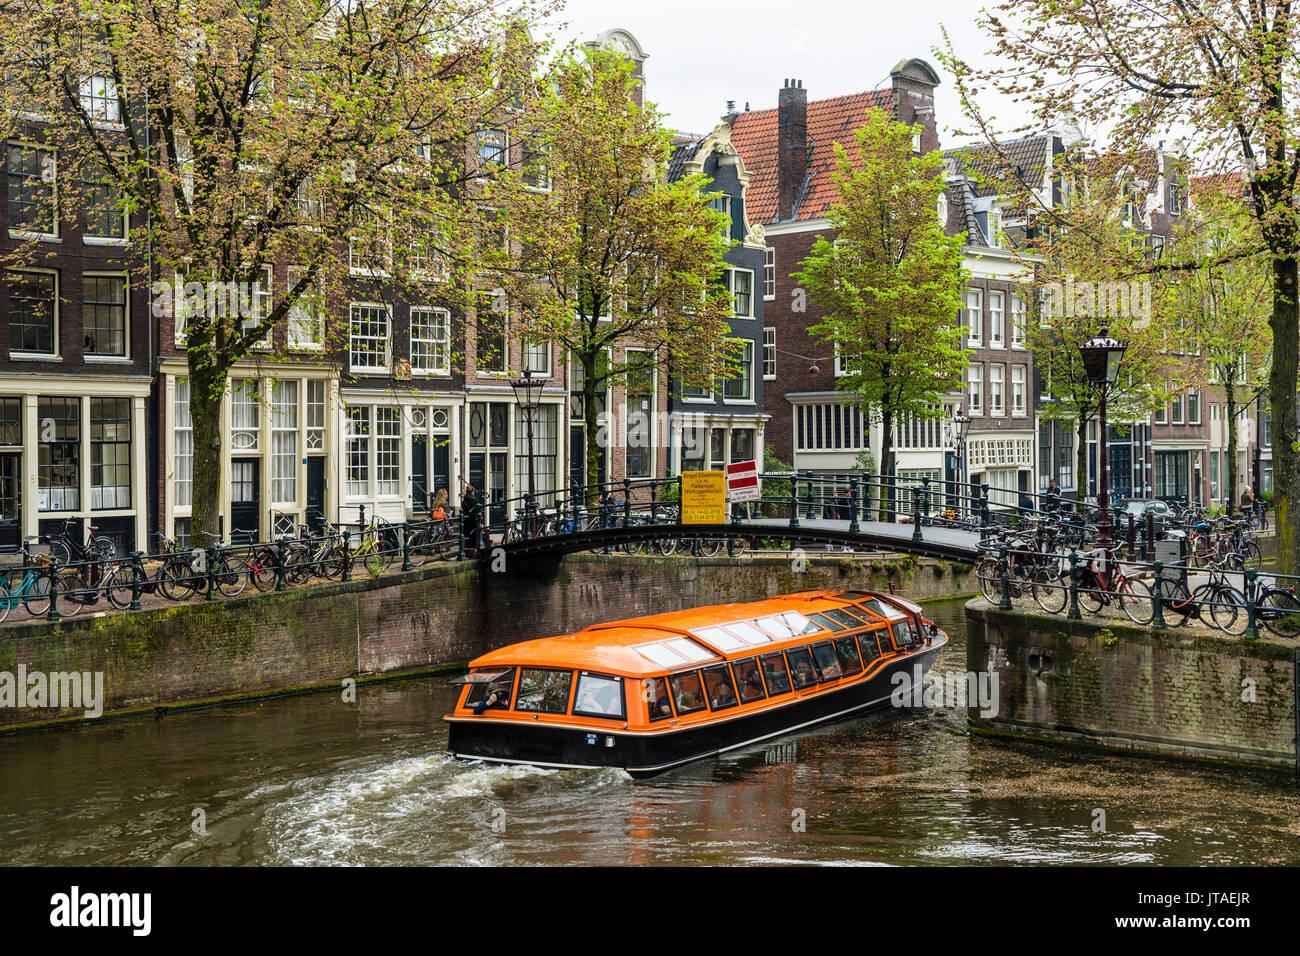 Bateau qui passe sous un pont sur Brouwersgracht, Amsterdam, Pays-Bas, Europe Banque D'Images